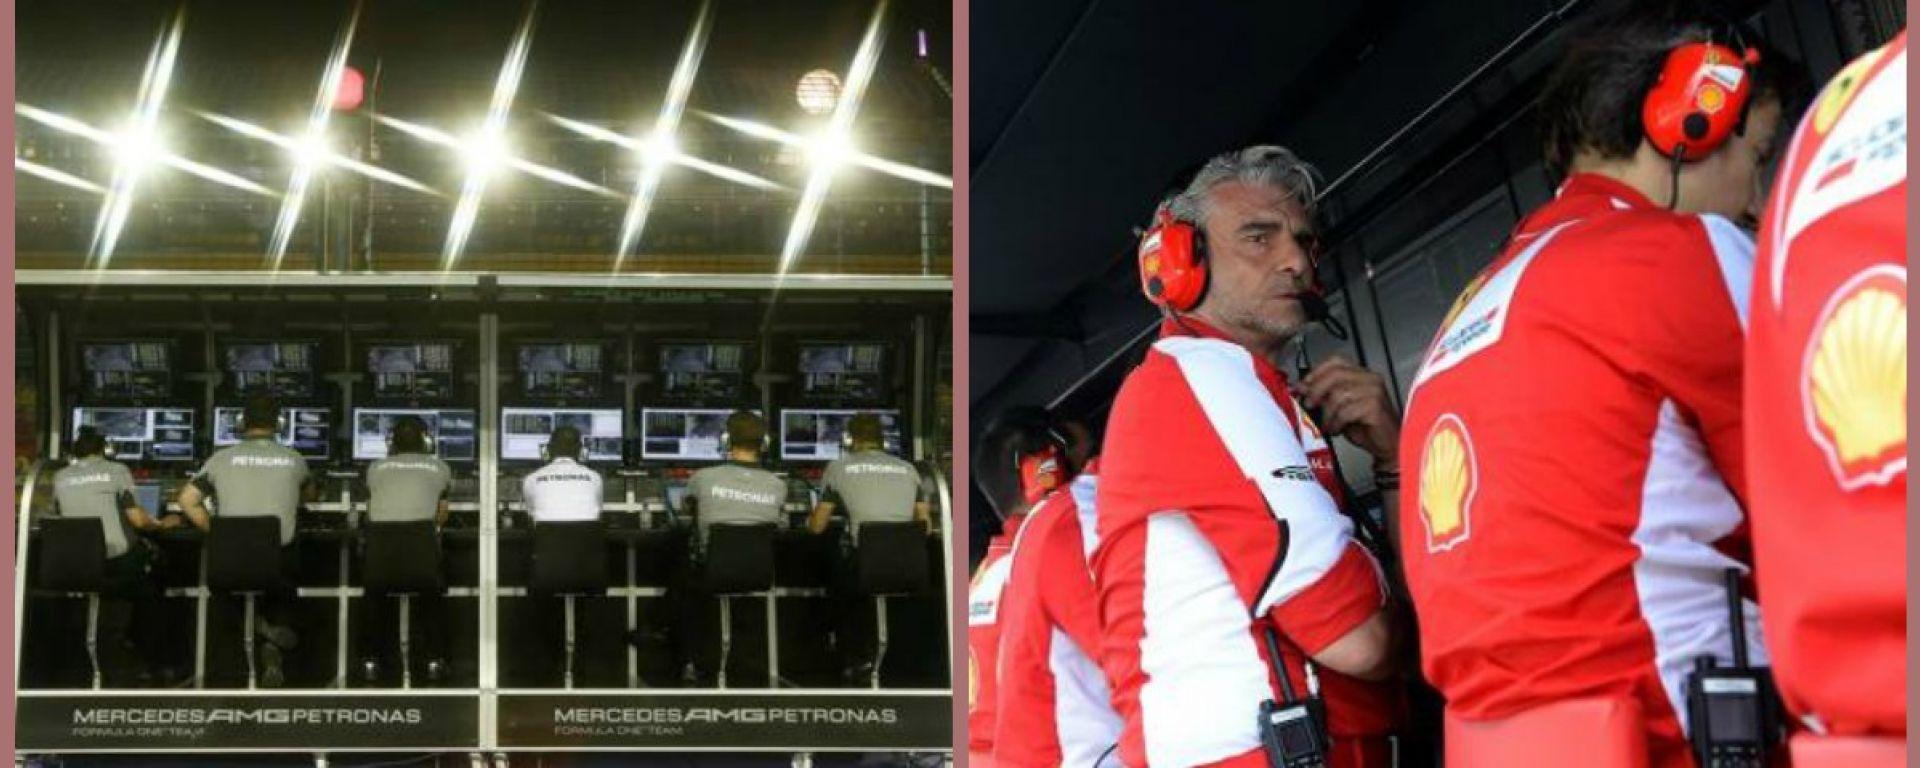 F1 GP Baku: le comunicazioni radio di Ferrari e Mercedes